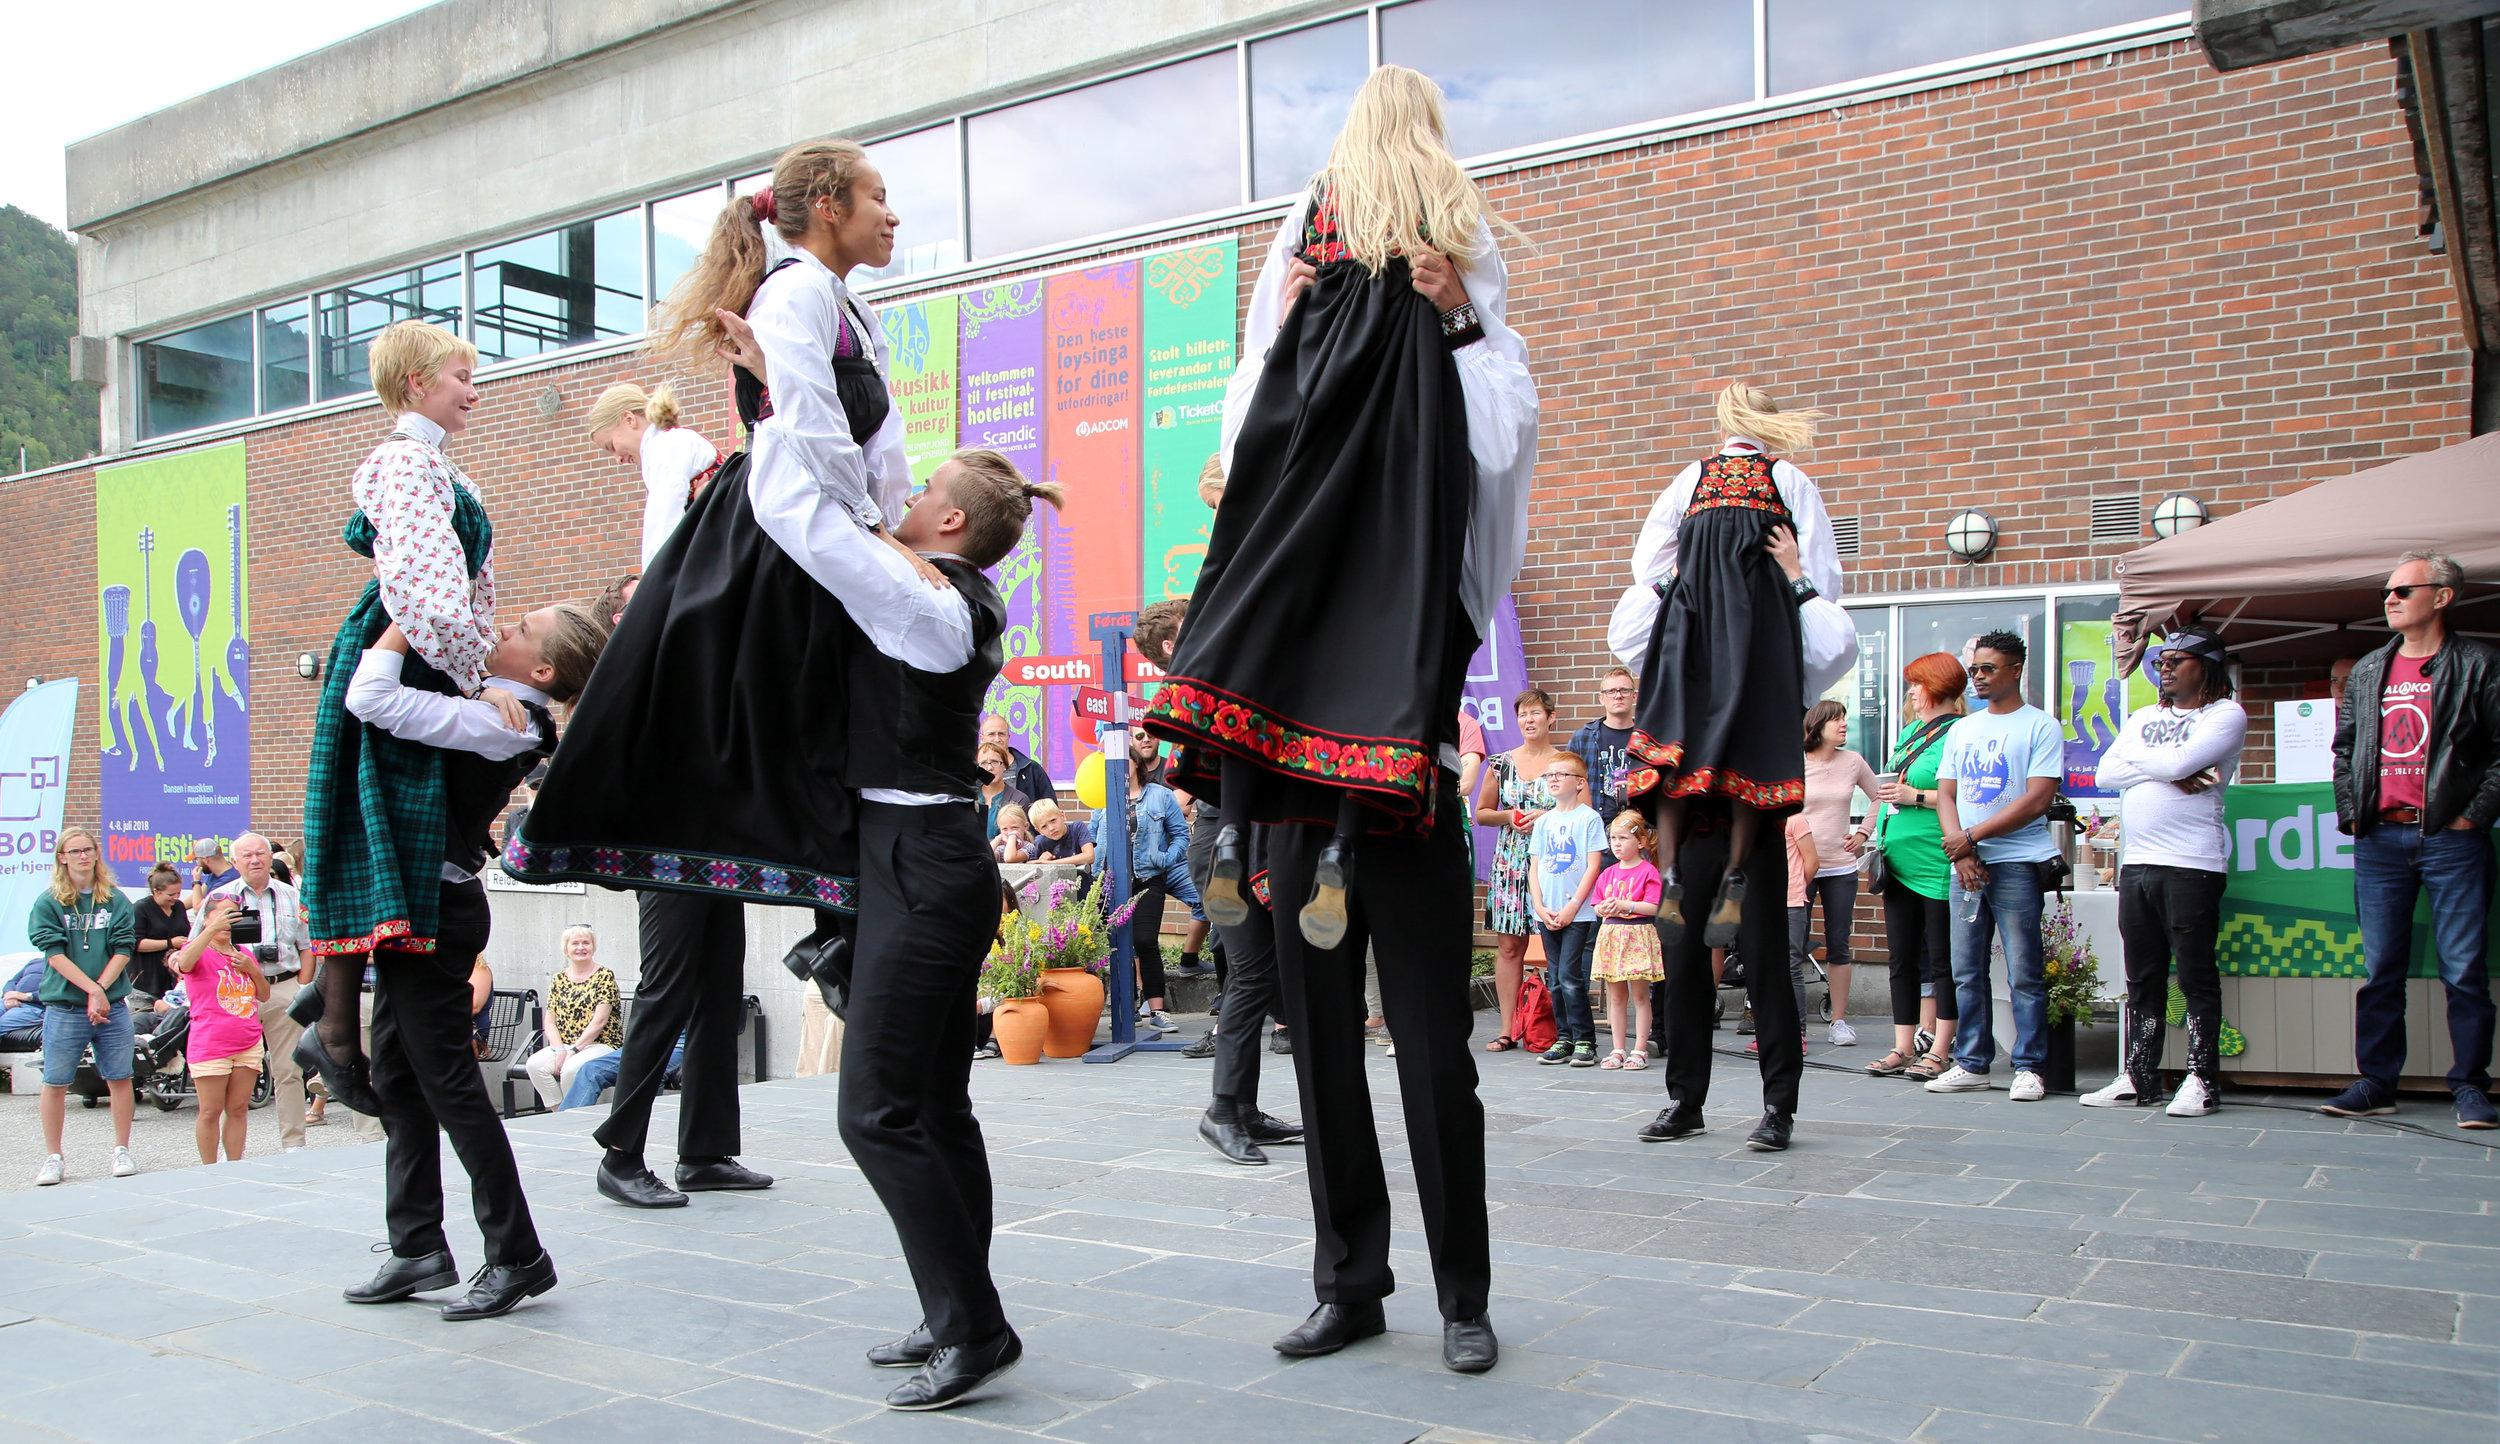 Dyktige unge dansarar, Hallingan, svingar seg utanfor hovudinngangen til Førdehuset. Familiesøndagen samlar mykje folk i alle aldrar, inne og ute i storstova vår, som frå i år altså er forsynt med GRATIS WIFI!!